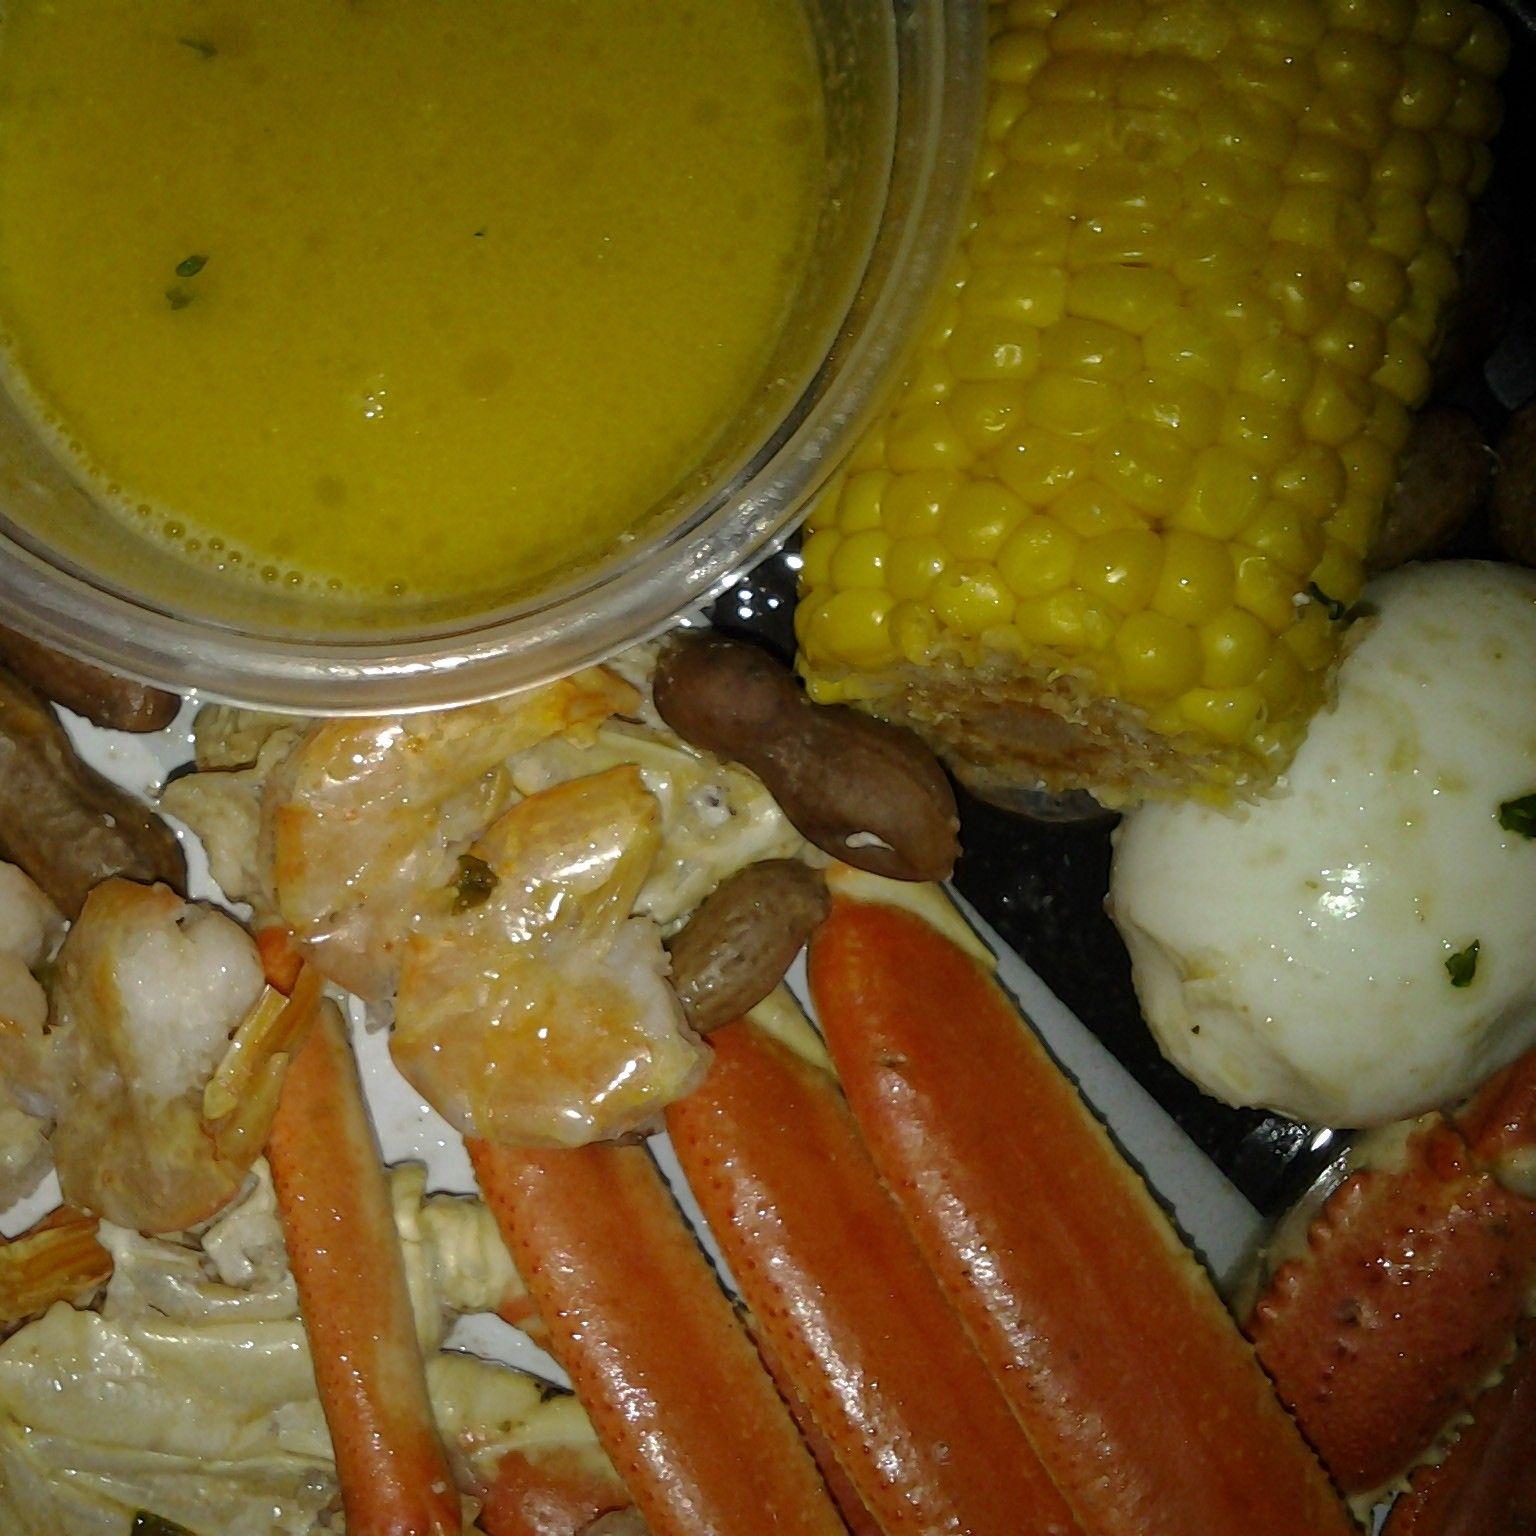 Private seafood party....#snow crabs #garlic #eggs garlic #shrimp garlic #corn sausage  garlic boil #peanuts